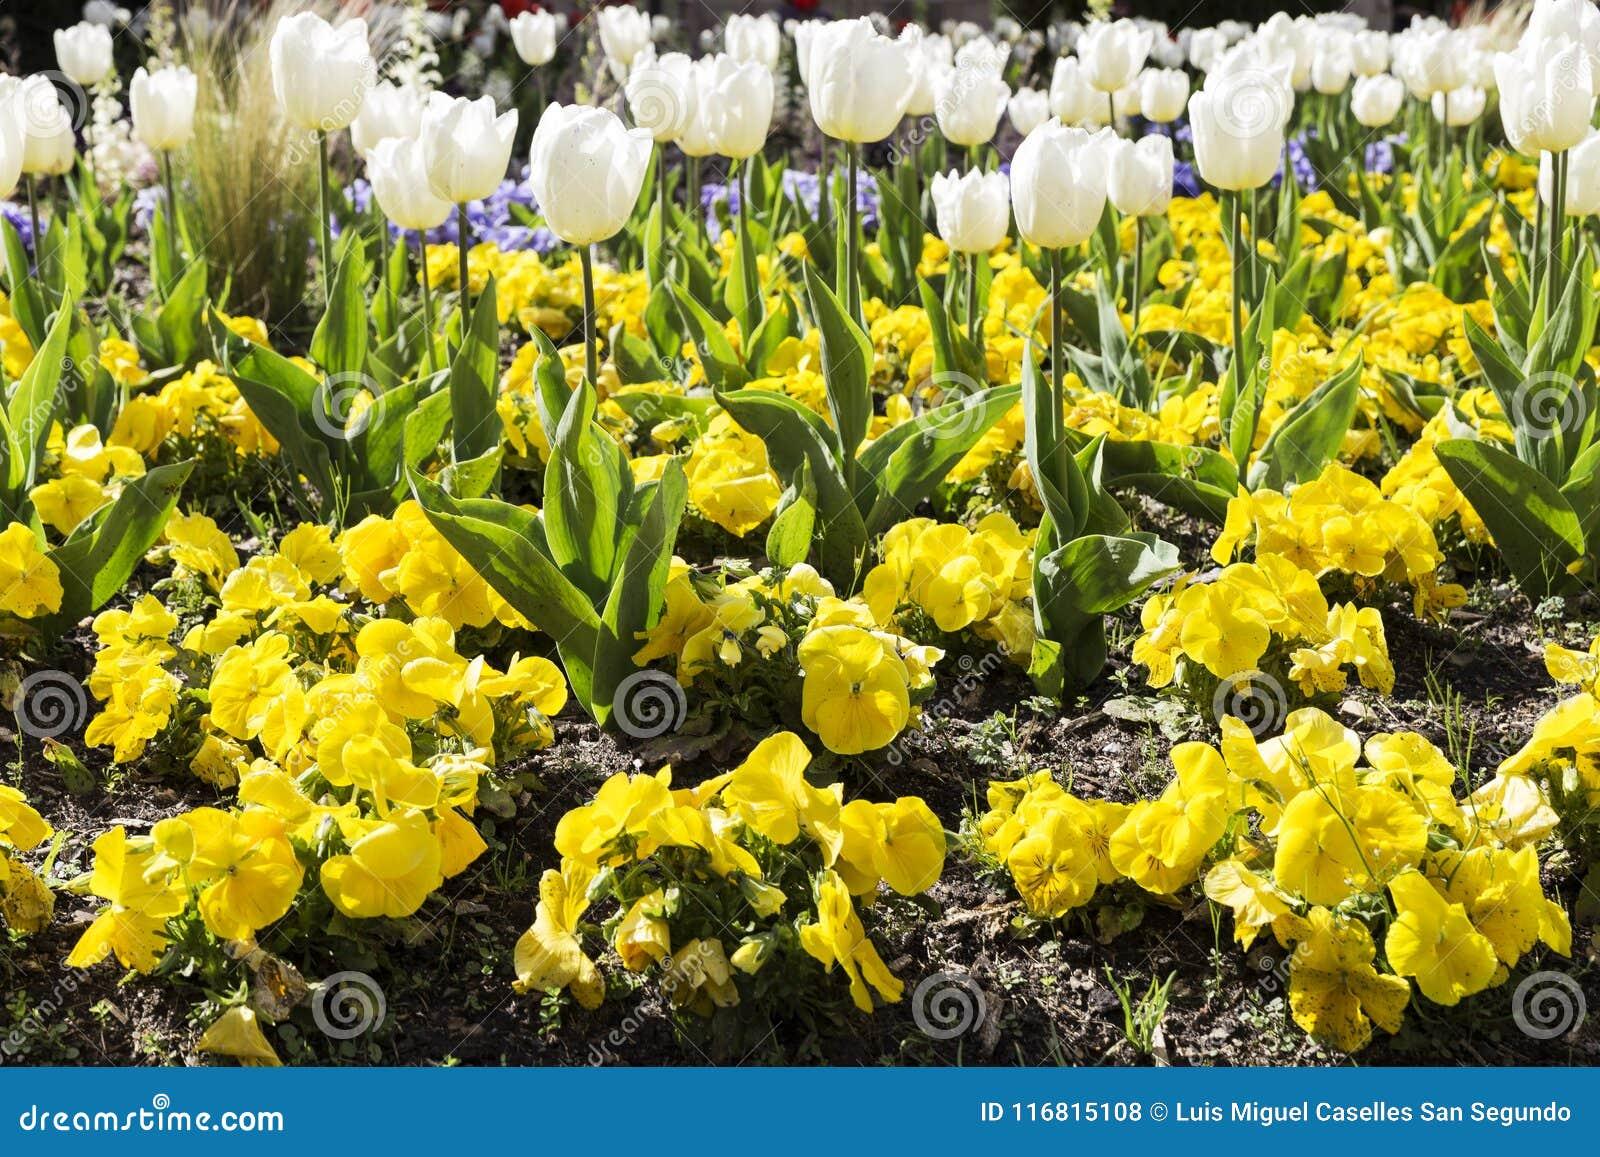 Gardin ha fiorito con differenti fiori colorati